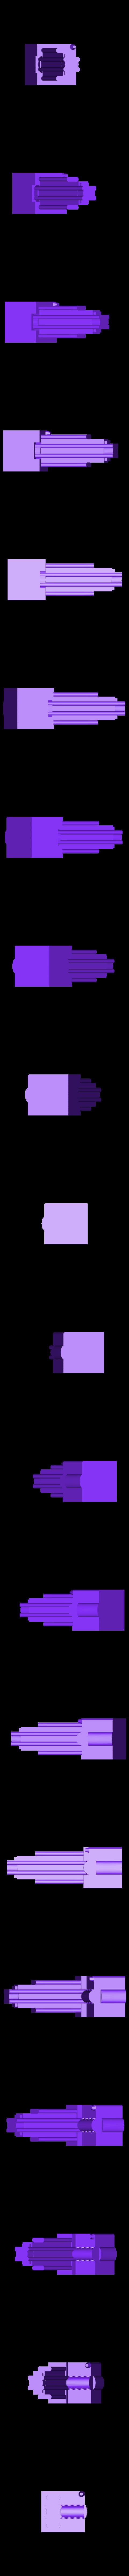 Chicago_Place.stl Télécharger fichier STL gratuit Mise à jour de Chicago • Plan pour impression 3D, Urukgar4D